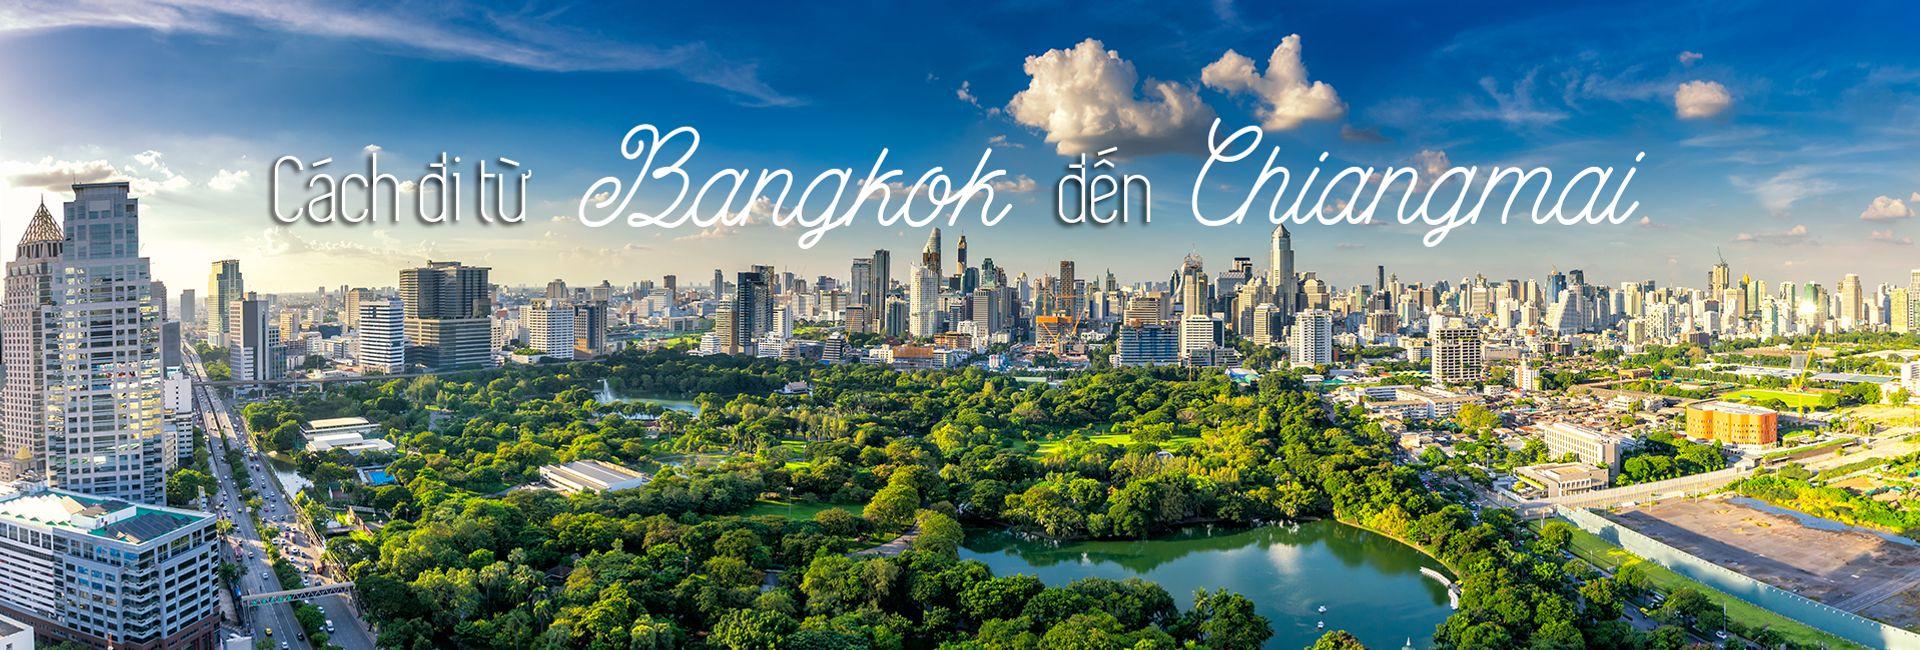 Hướng dẫn cách di chuyển từ Bangkok đến Chiang Mai